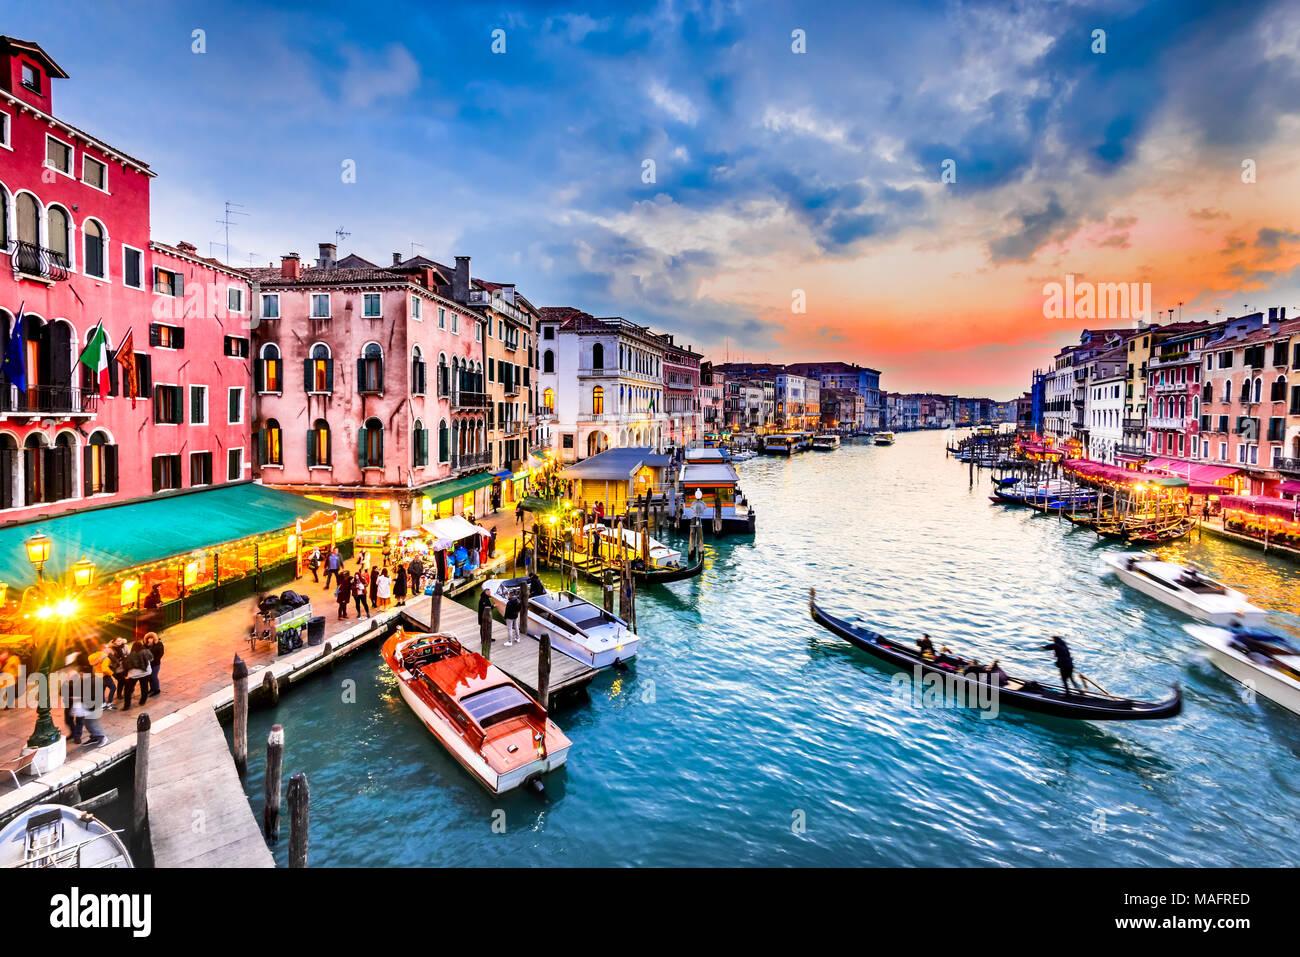 Venite, Italie - l'image de nuit avec Grand Canal, le plus vieux pont de Rialto, Venise. Photo Stock